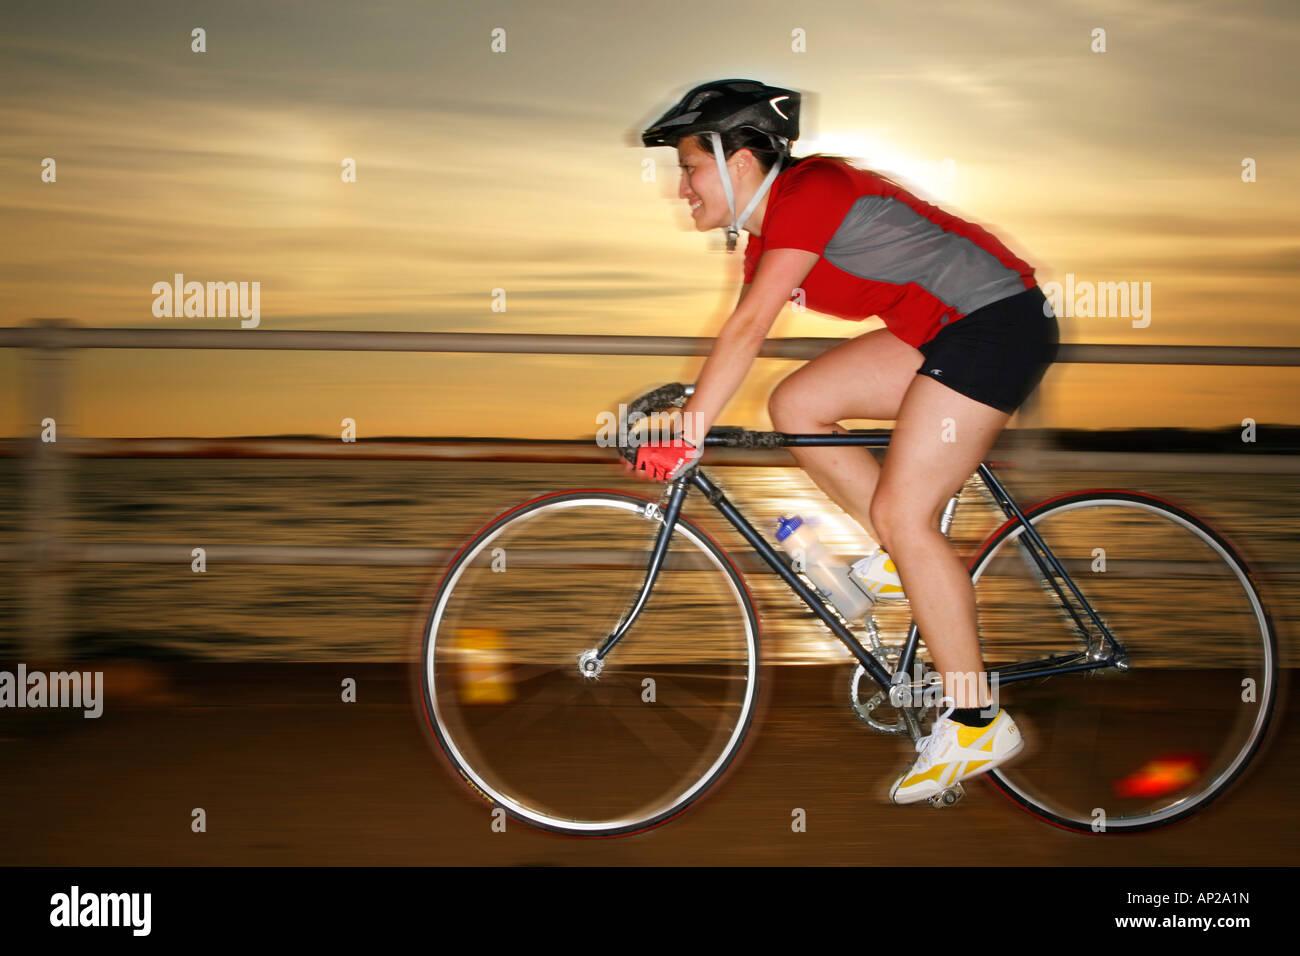 Junge Frau 26 Jahre befreien Fahrrad Sonnenuntergang, Herr-09-30-2007 Stockbild